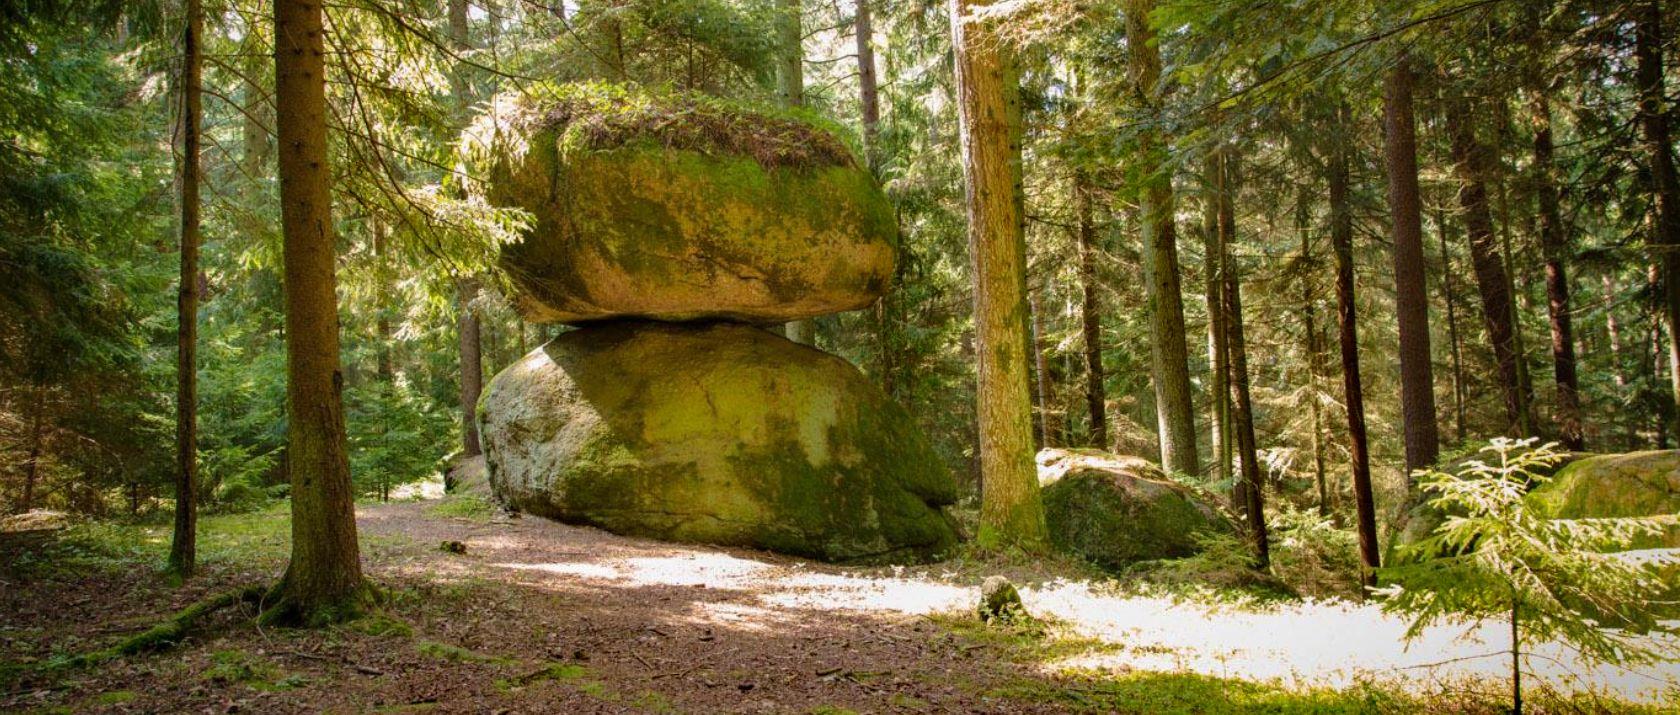 guthof-wanderurlaub-bayerischer-wald-schwammerlstein